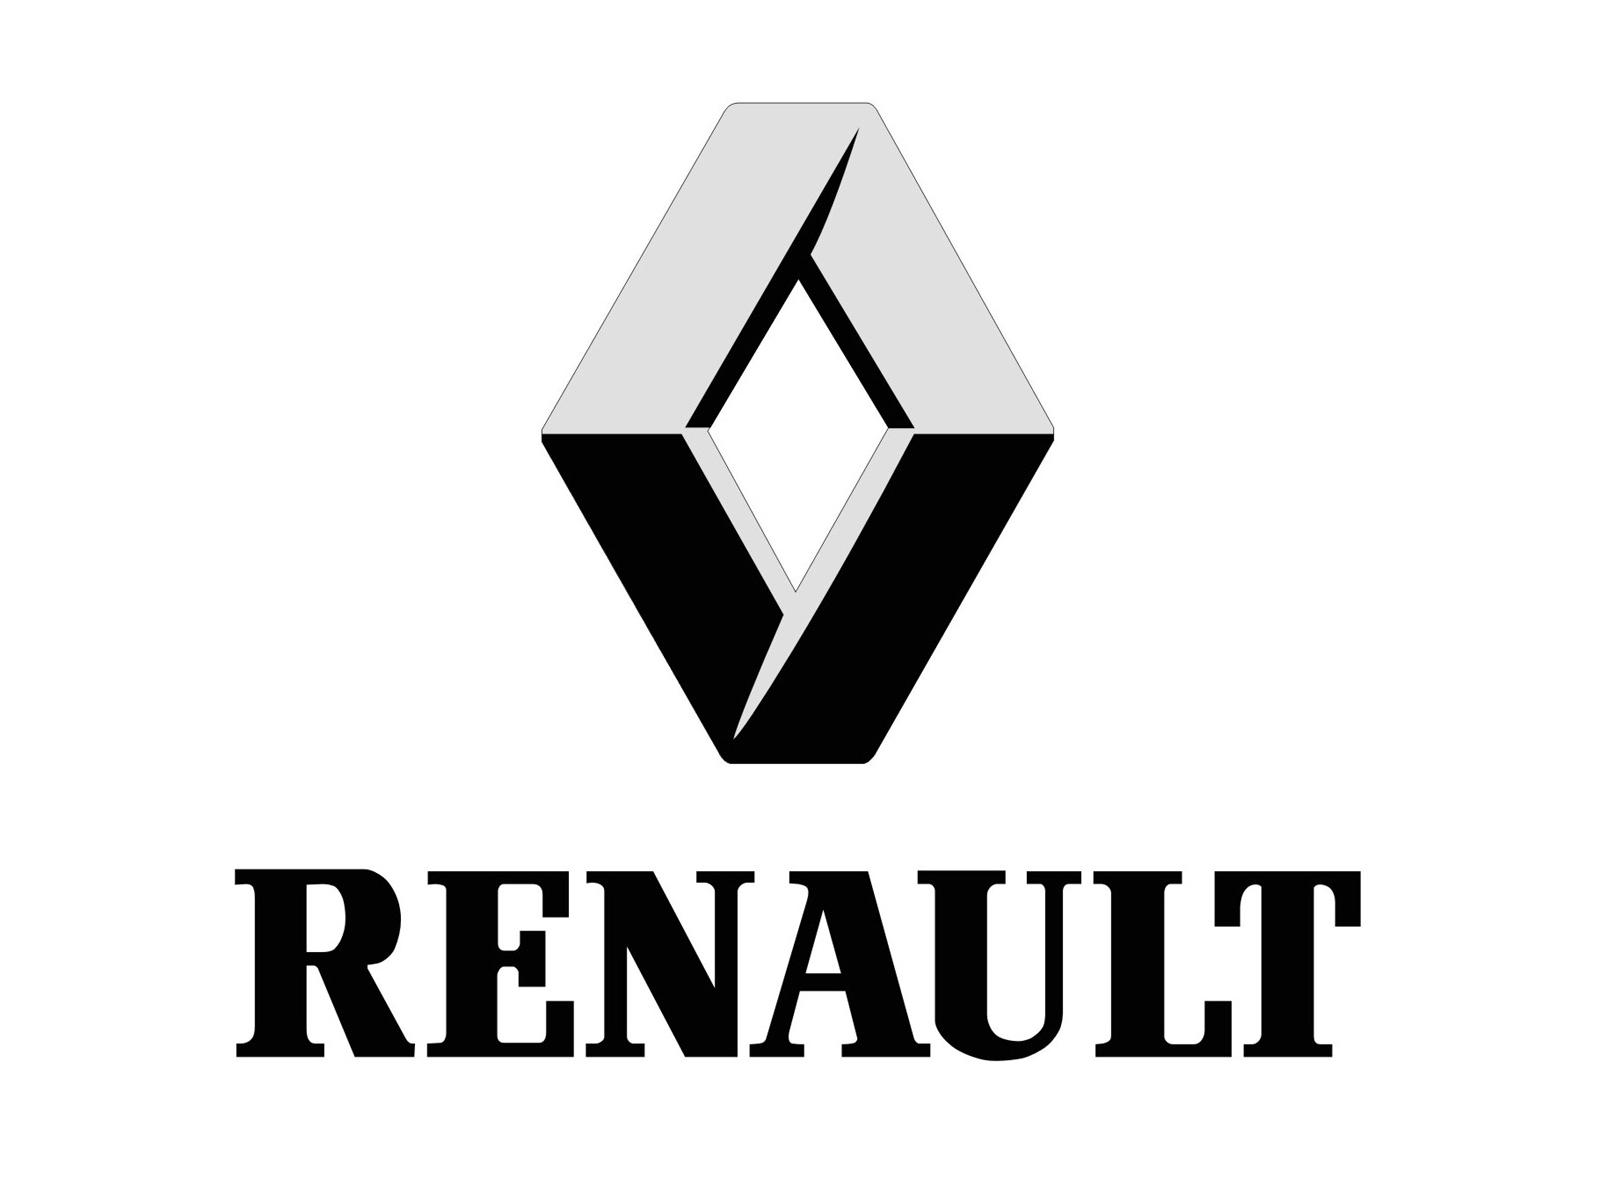 Автомобільна подія весни: у Мукачеві відбудеться відкриття оновленого салону Renault та презентація нового Megane sedane